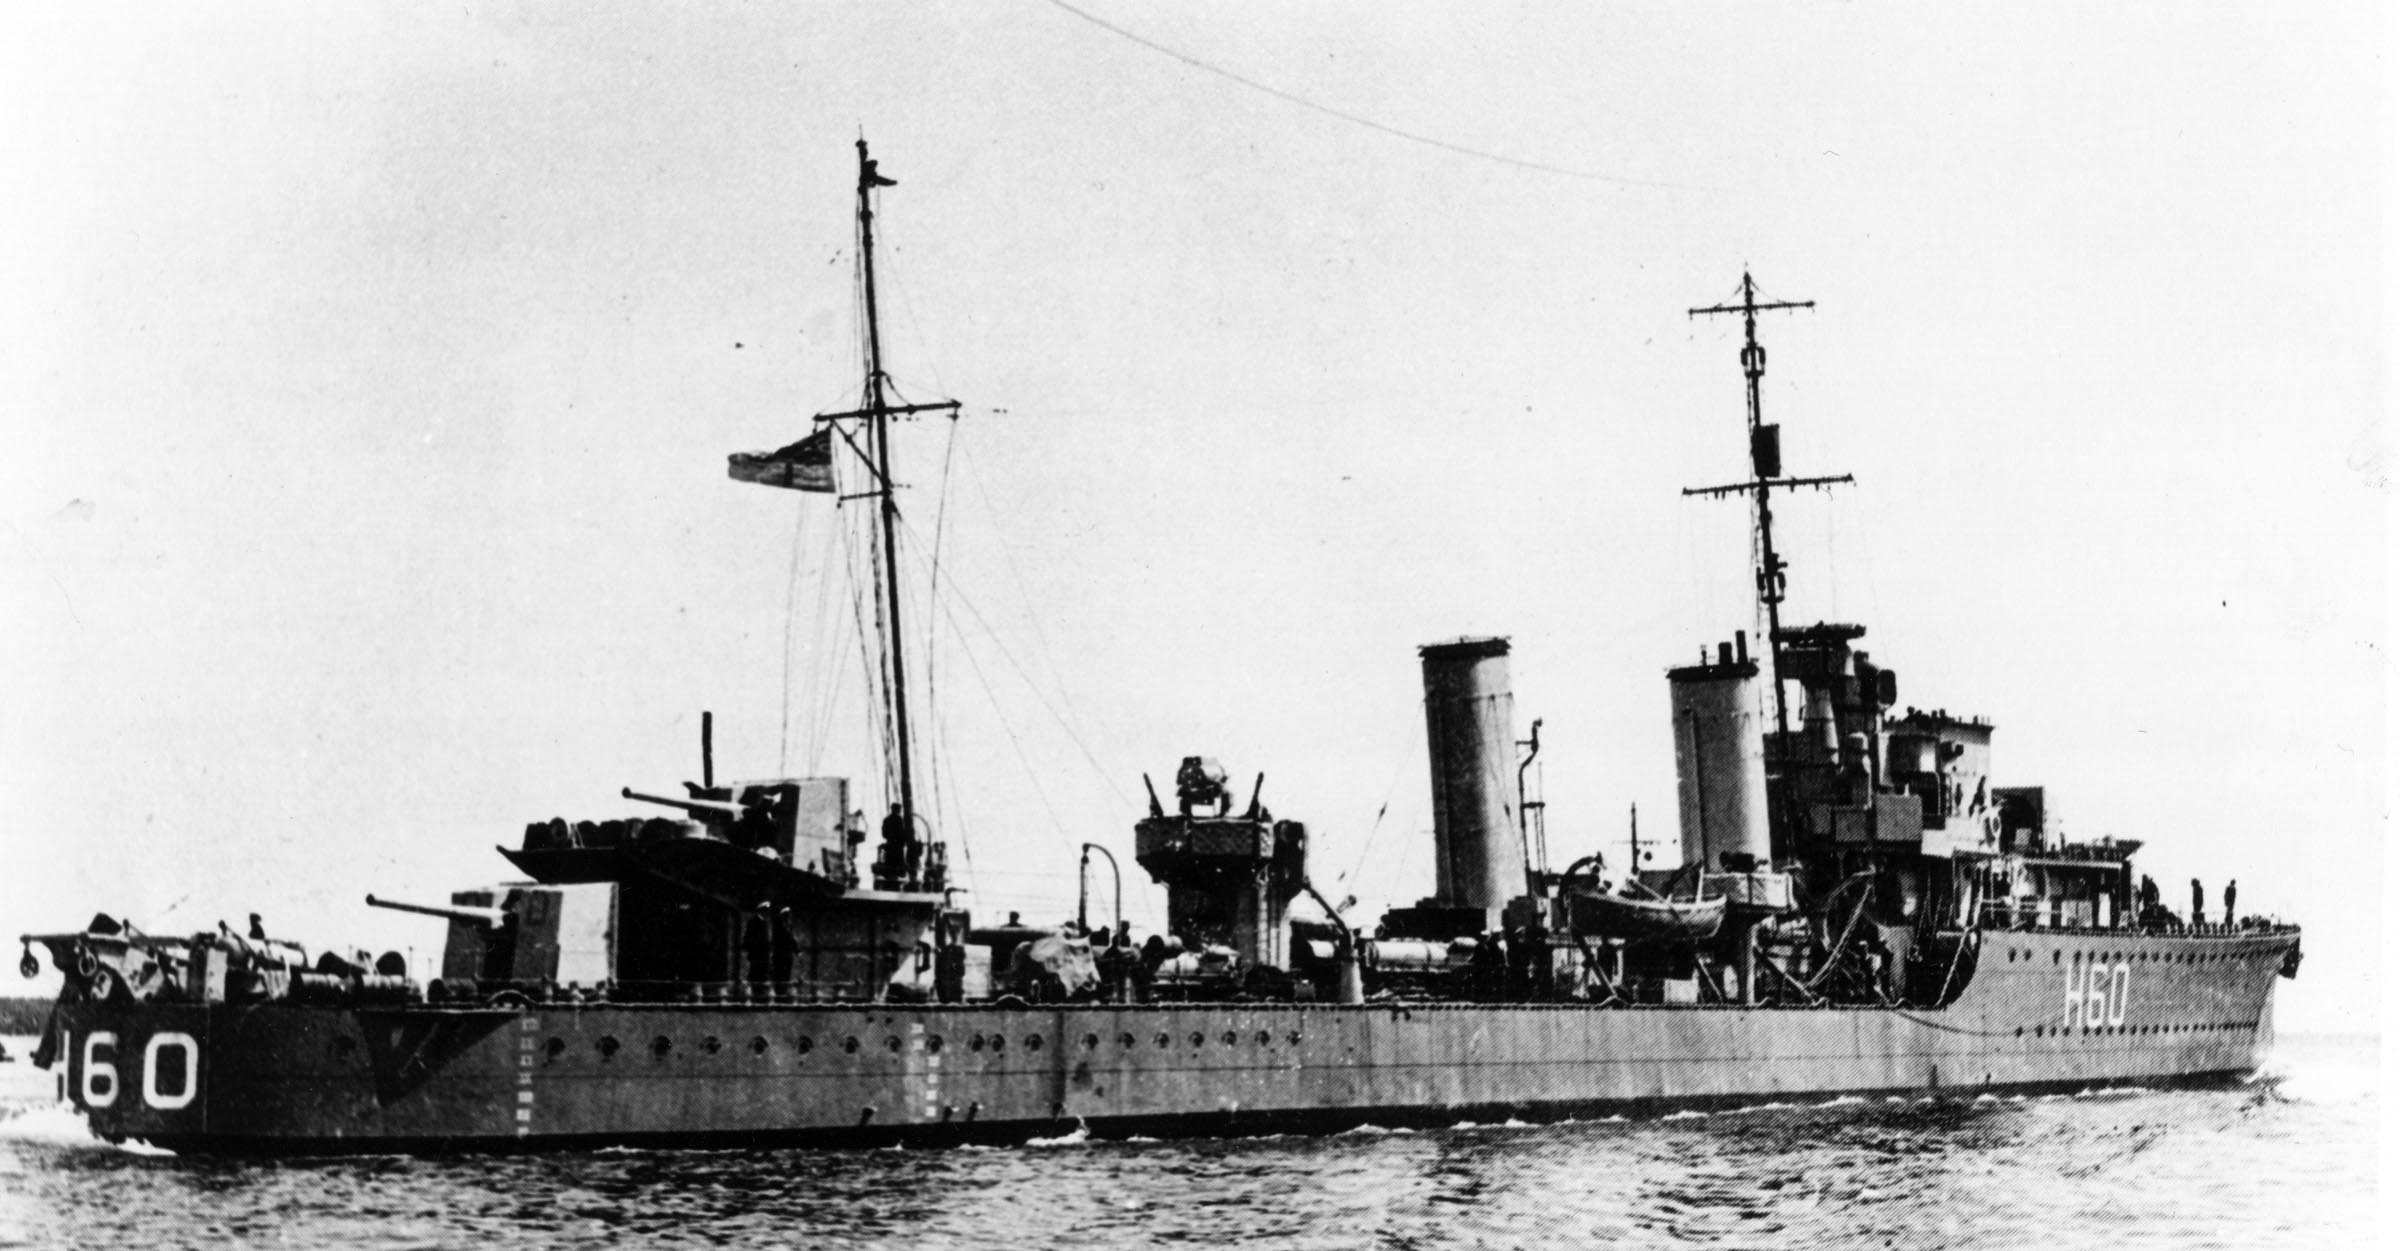 HMCS OTTAWA (1st)